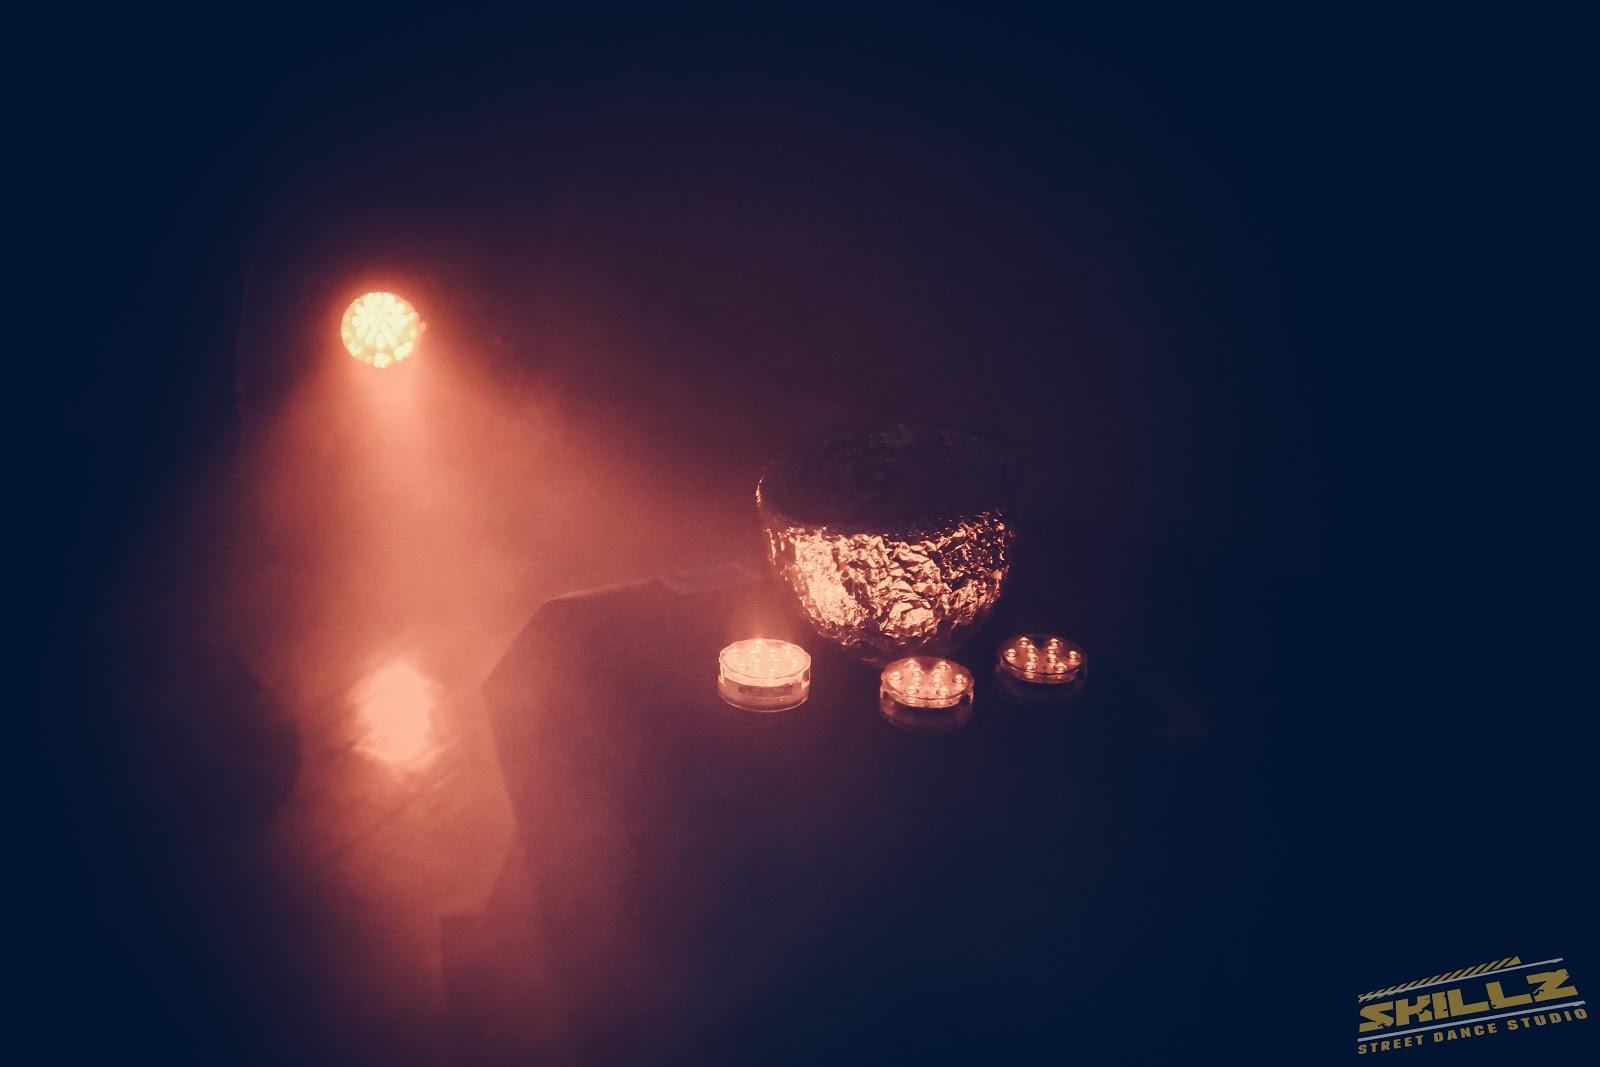 Naujikų krikštynos @SKILLZ (Halloween tema) - PANA1402.jpg